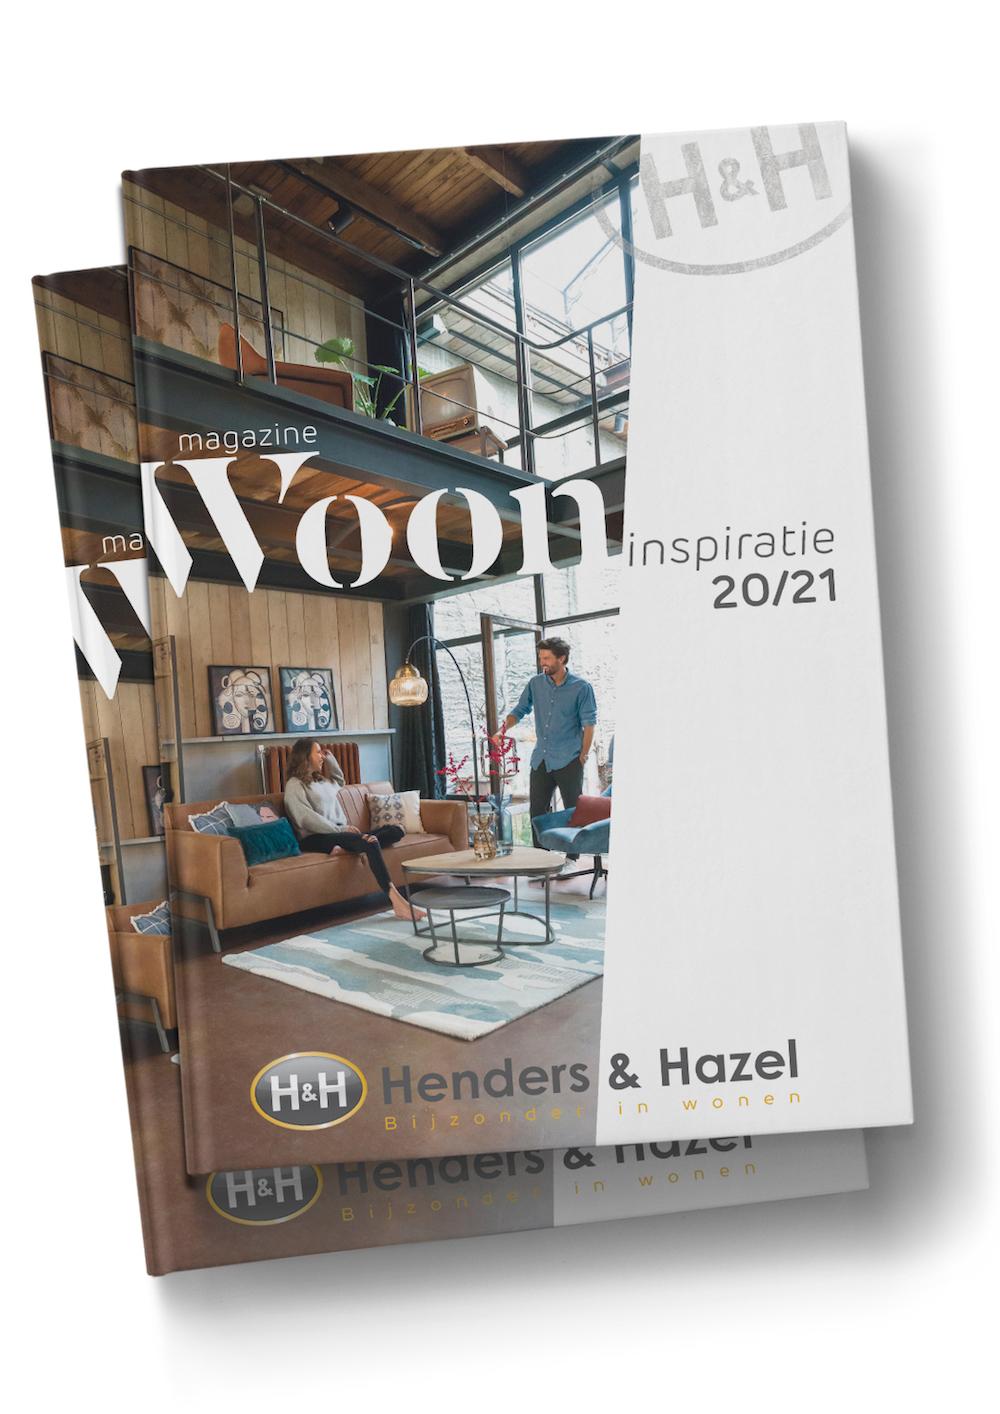 Gratis Henders & Hazel woonmagazine. Wonen inspiratieboek #woonmagazine #hendershazel #inspiratieboek #interieur